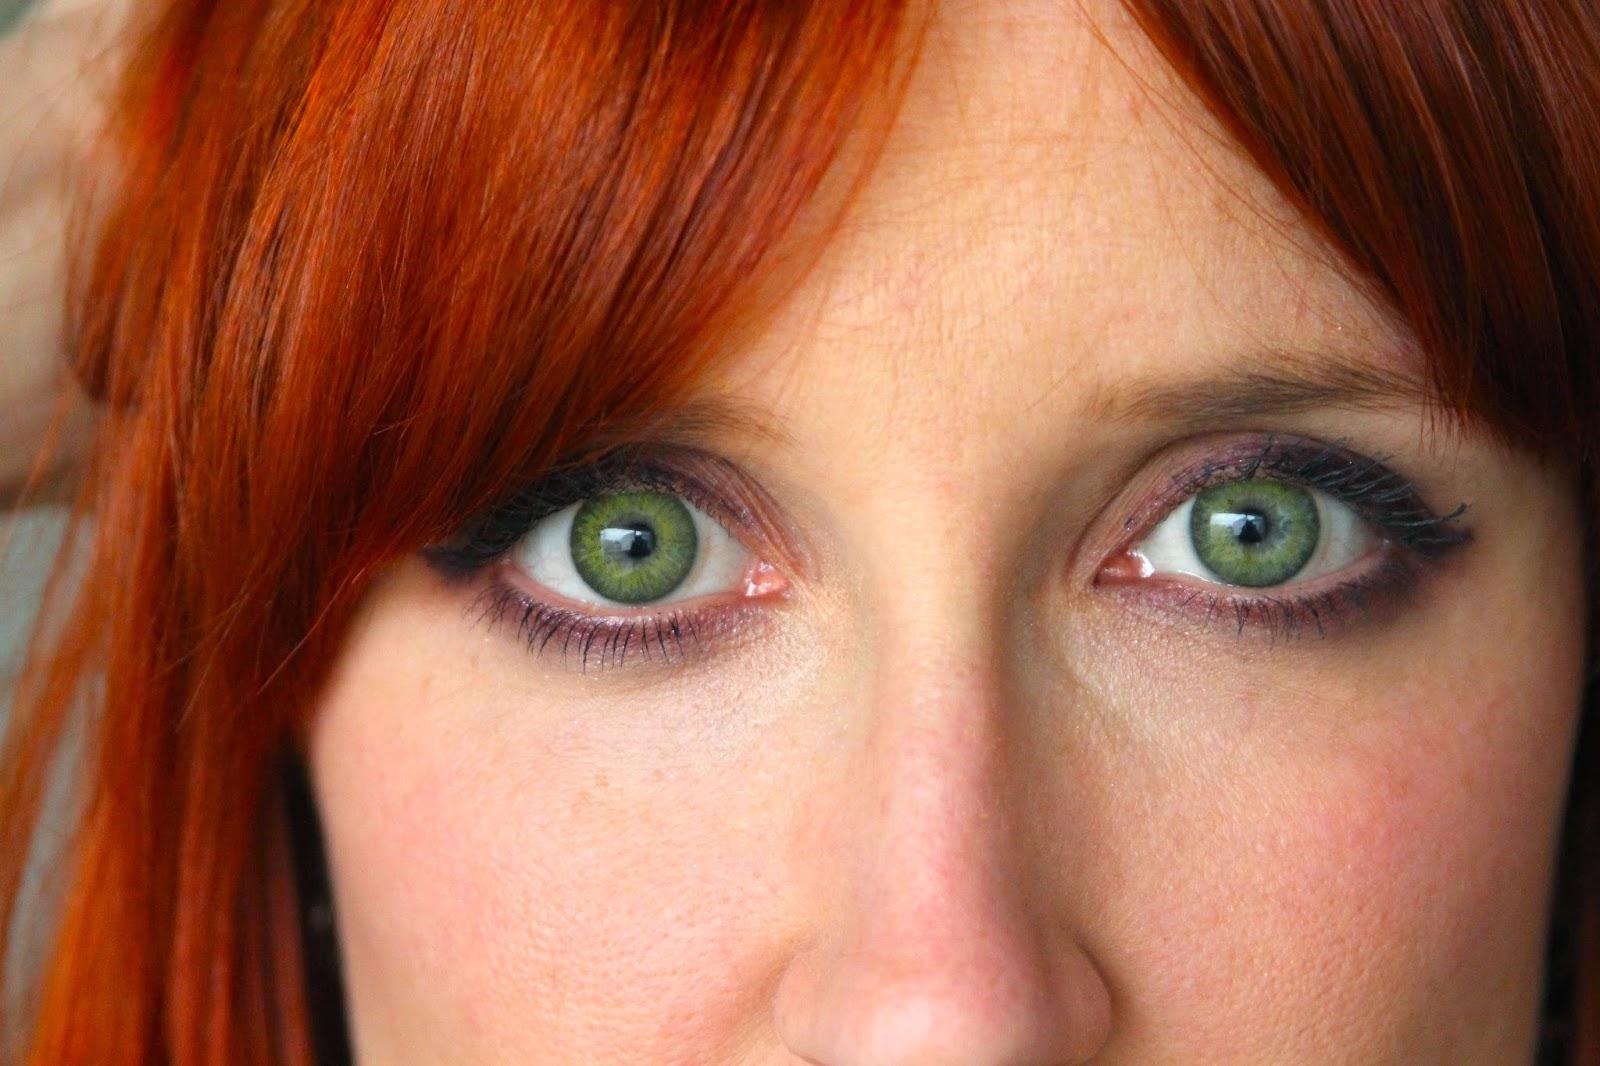 Les lentilles de contact, c'est pour bientôt